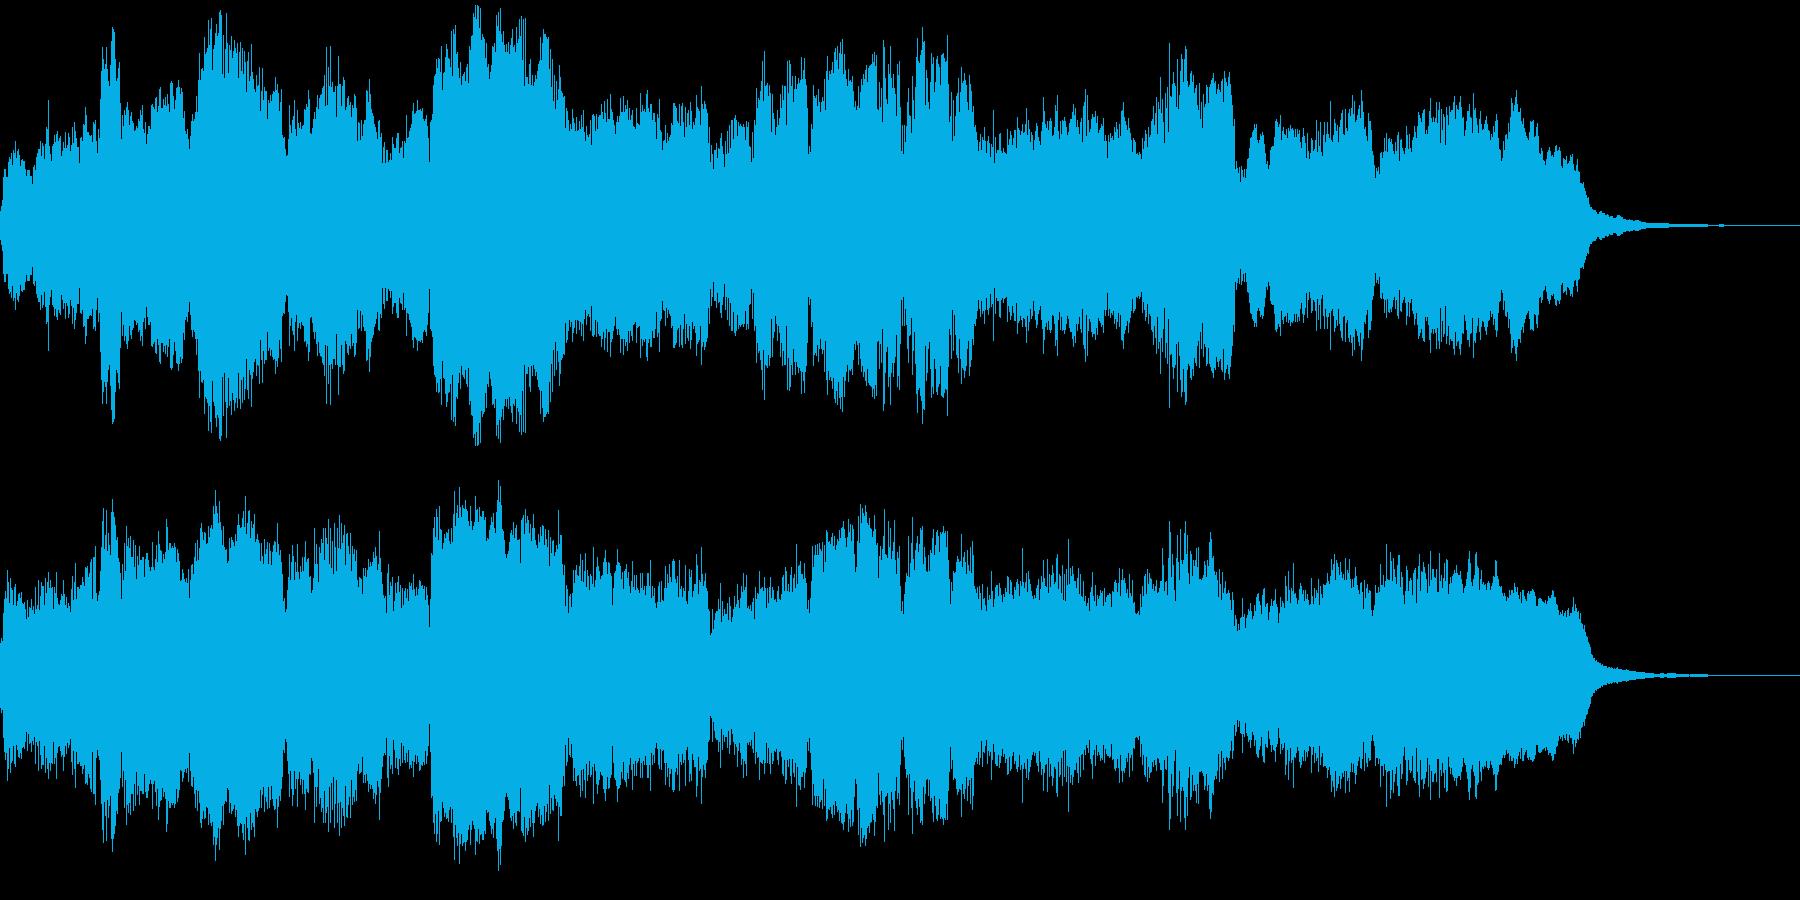 管弦楽による上品なジングルの再生済みの波形